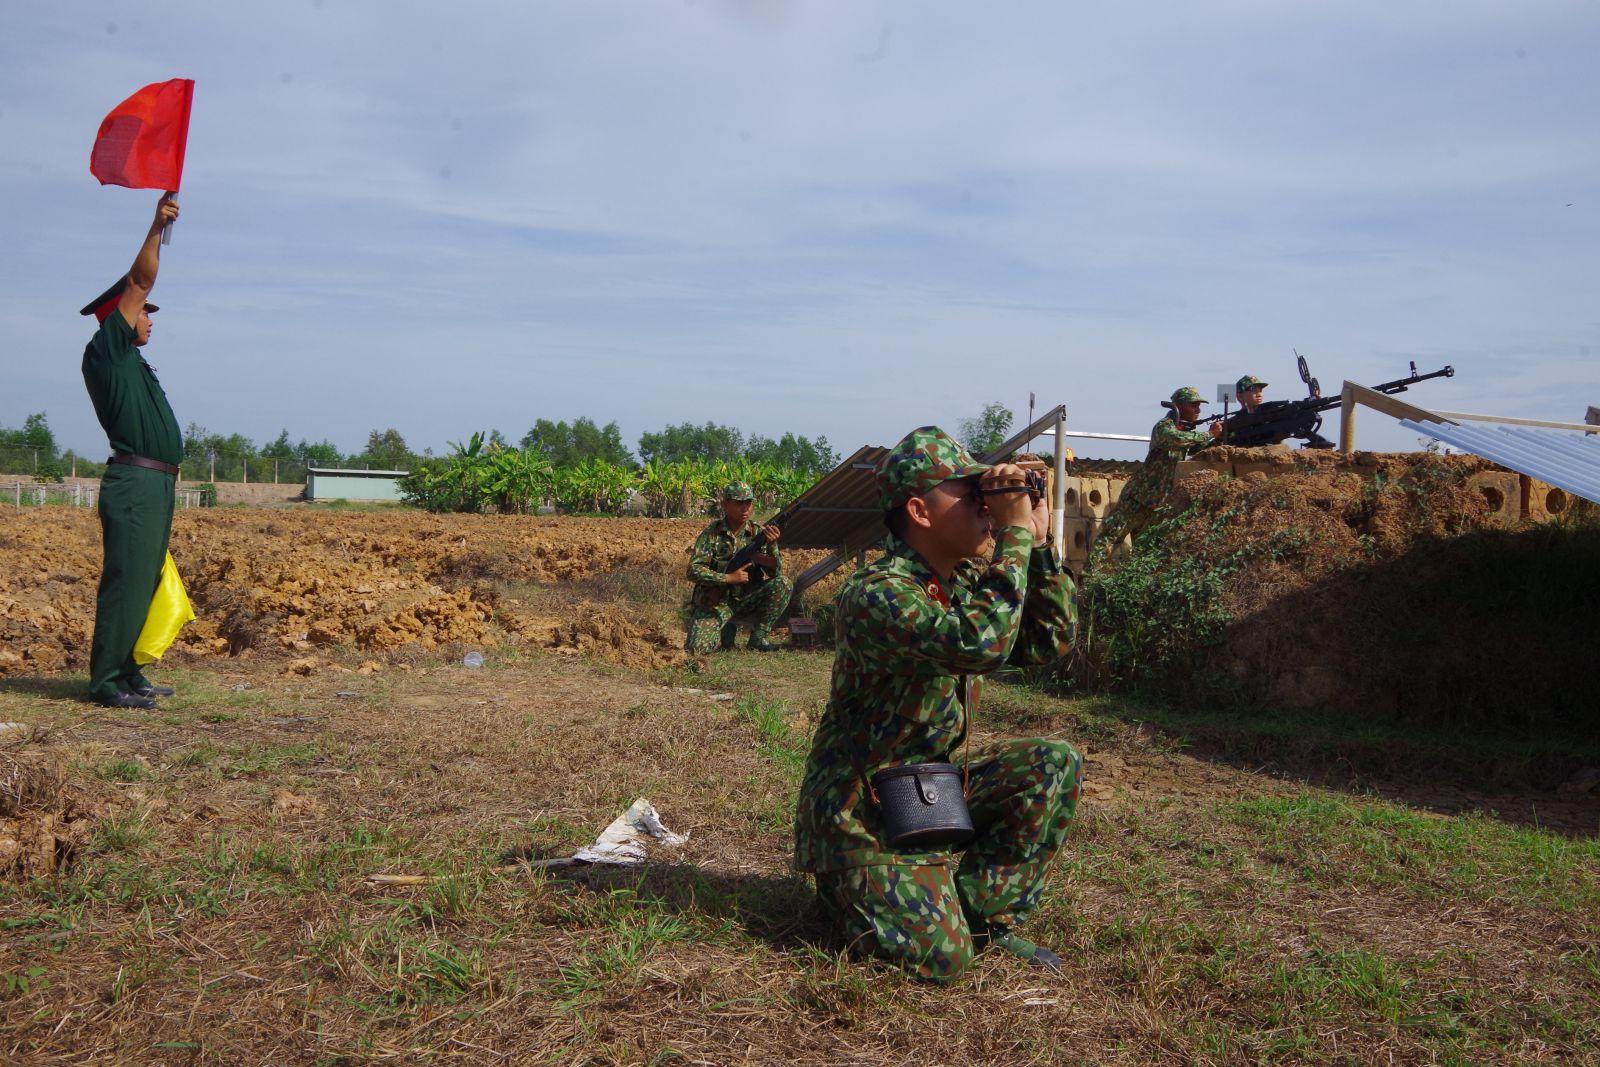 Thời gian qua, trình độ, năng lực, sức chiến đấu của lực lượng vũ trang tỉnh không ngừng nâng lên